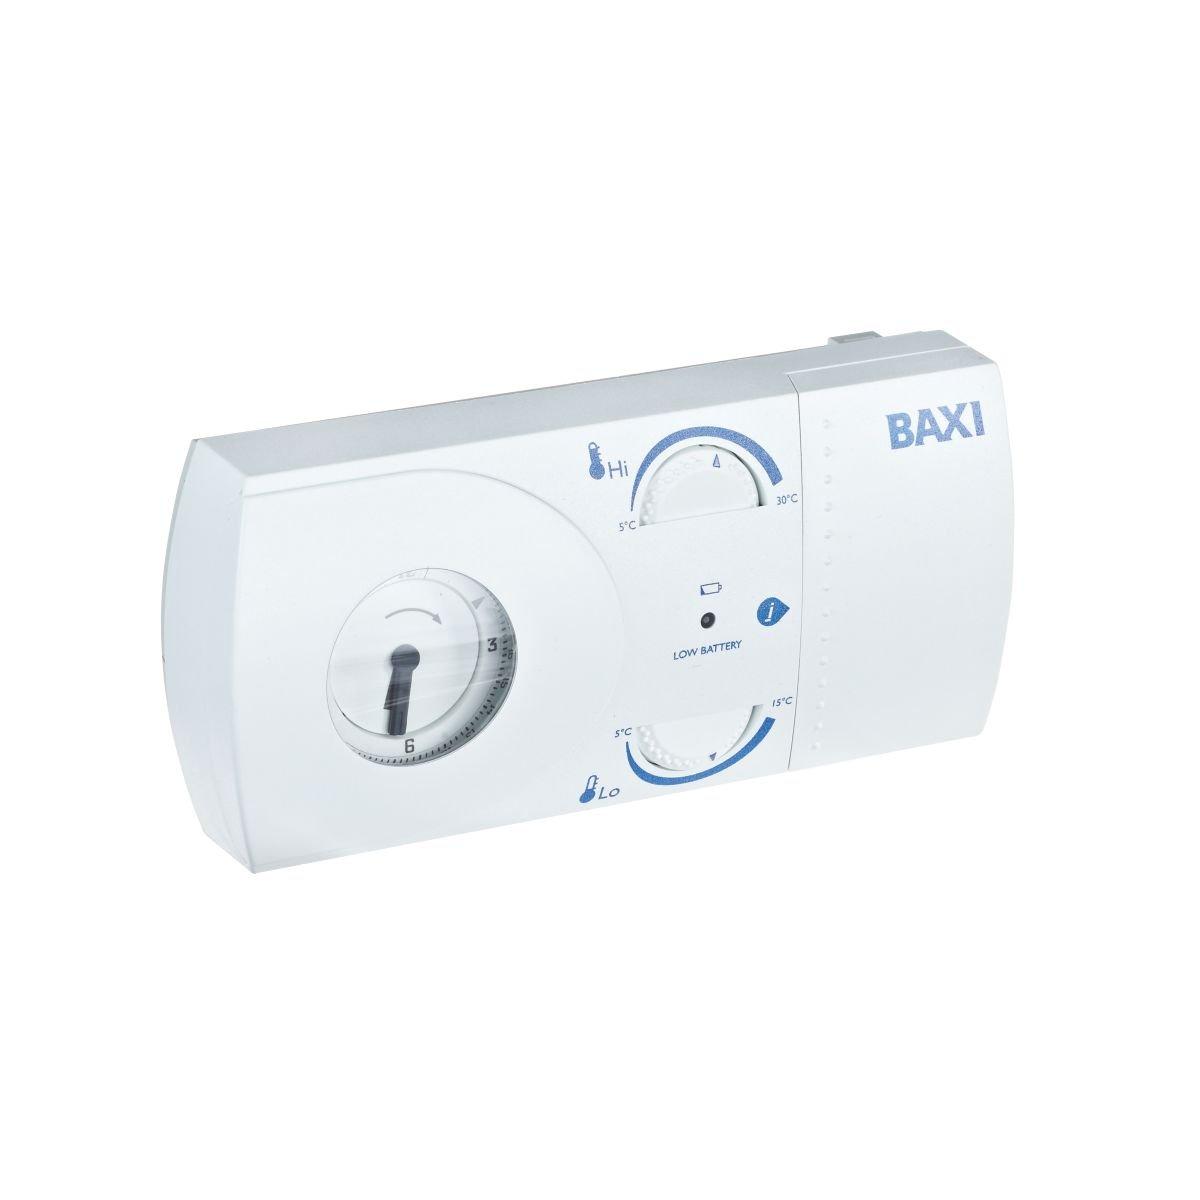 Baxi multiajuste incluida 24hr termostato programable inalámbrico ...